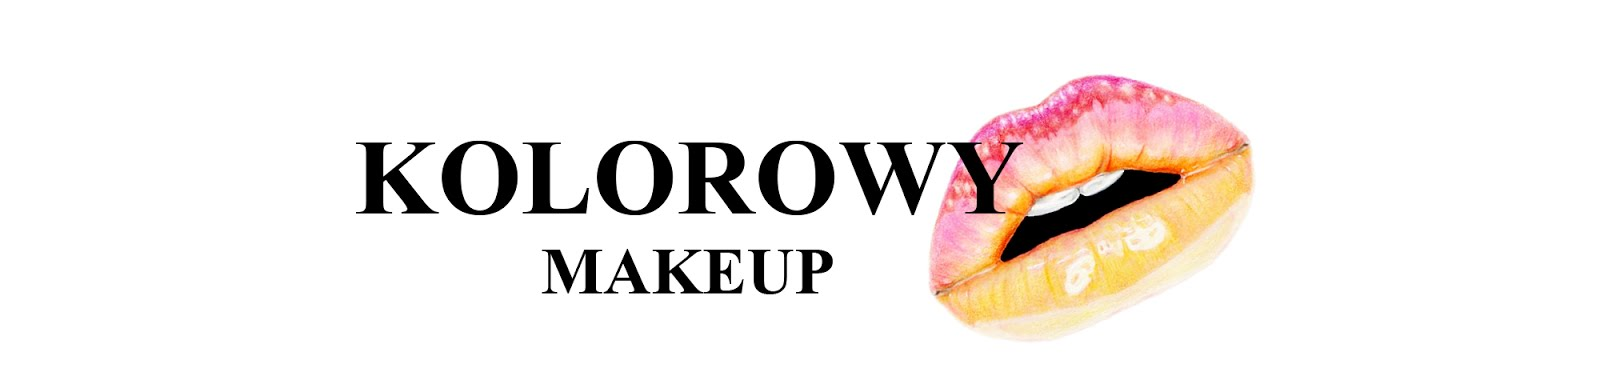 Kolorowy Makeup